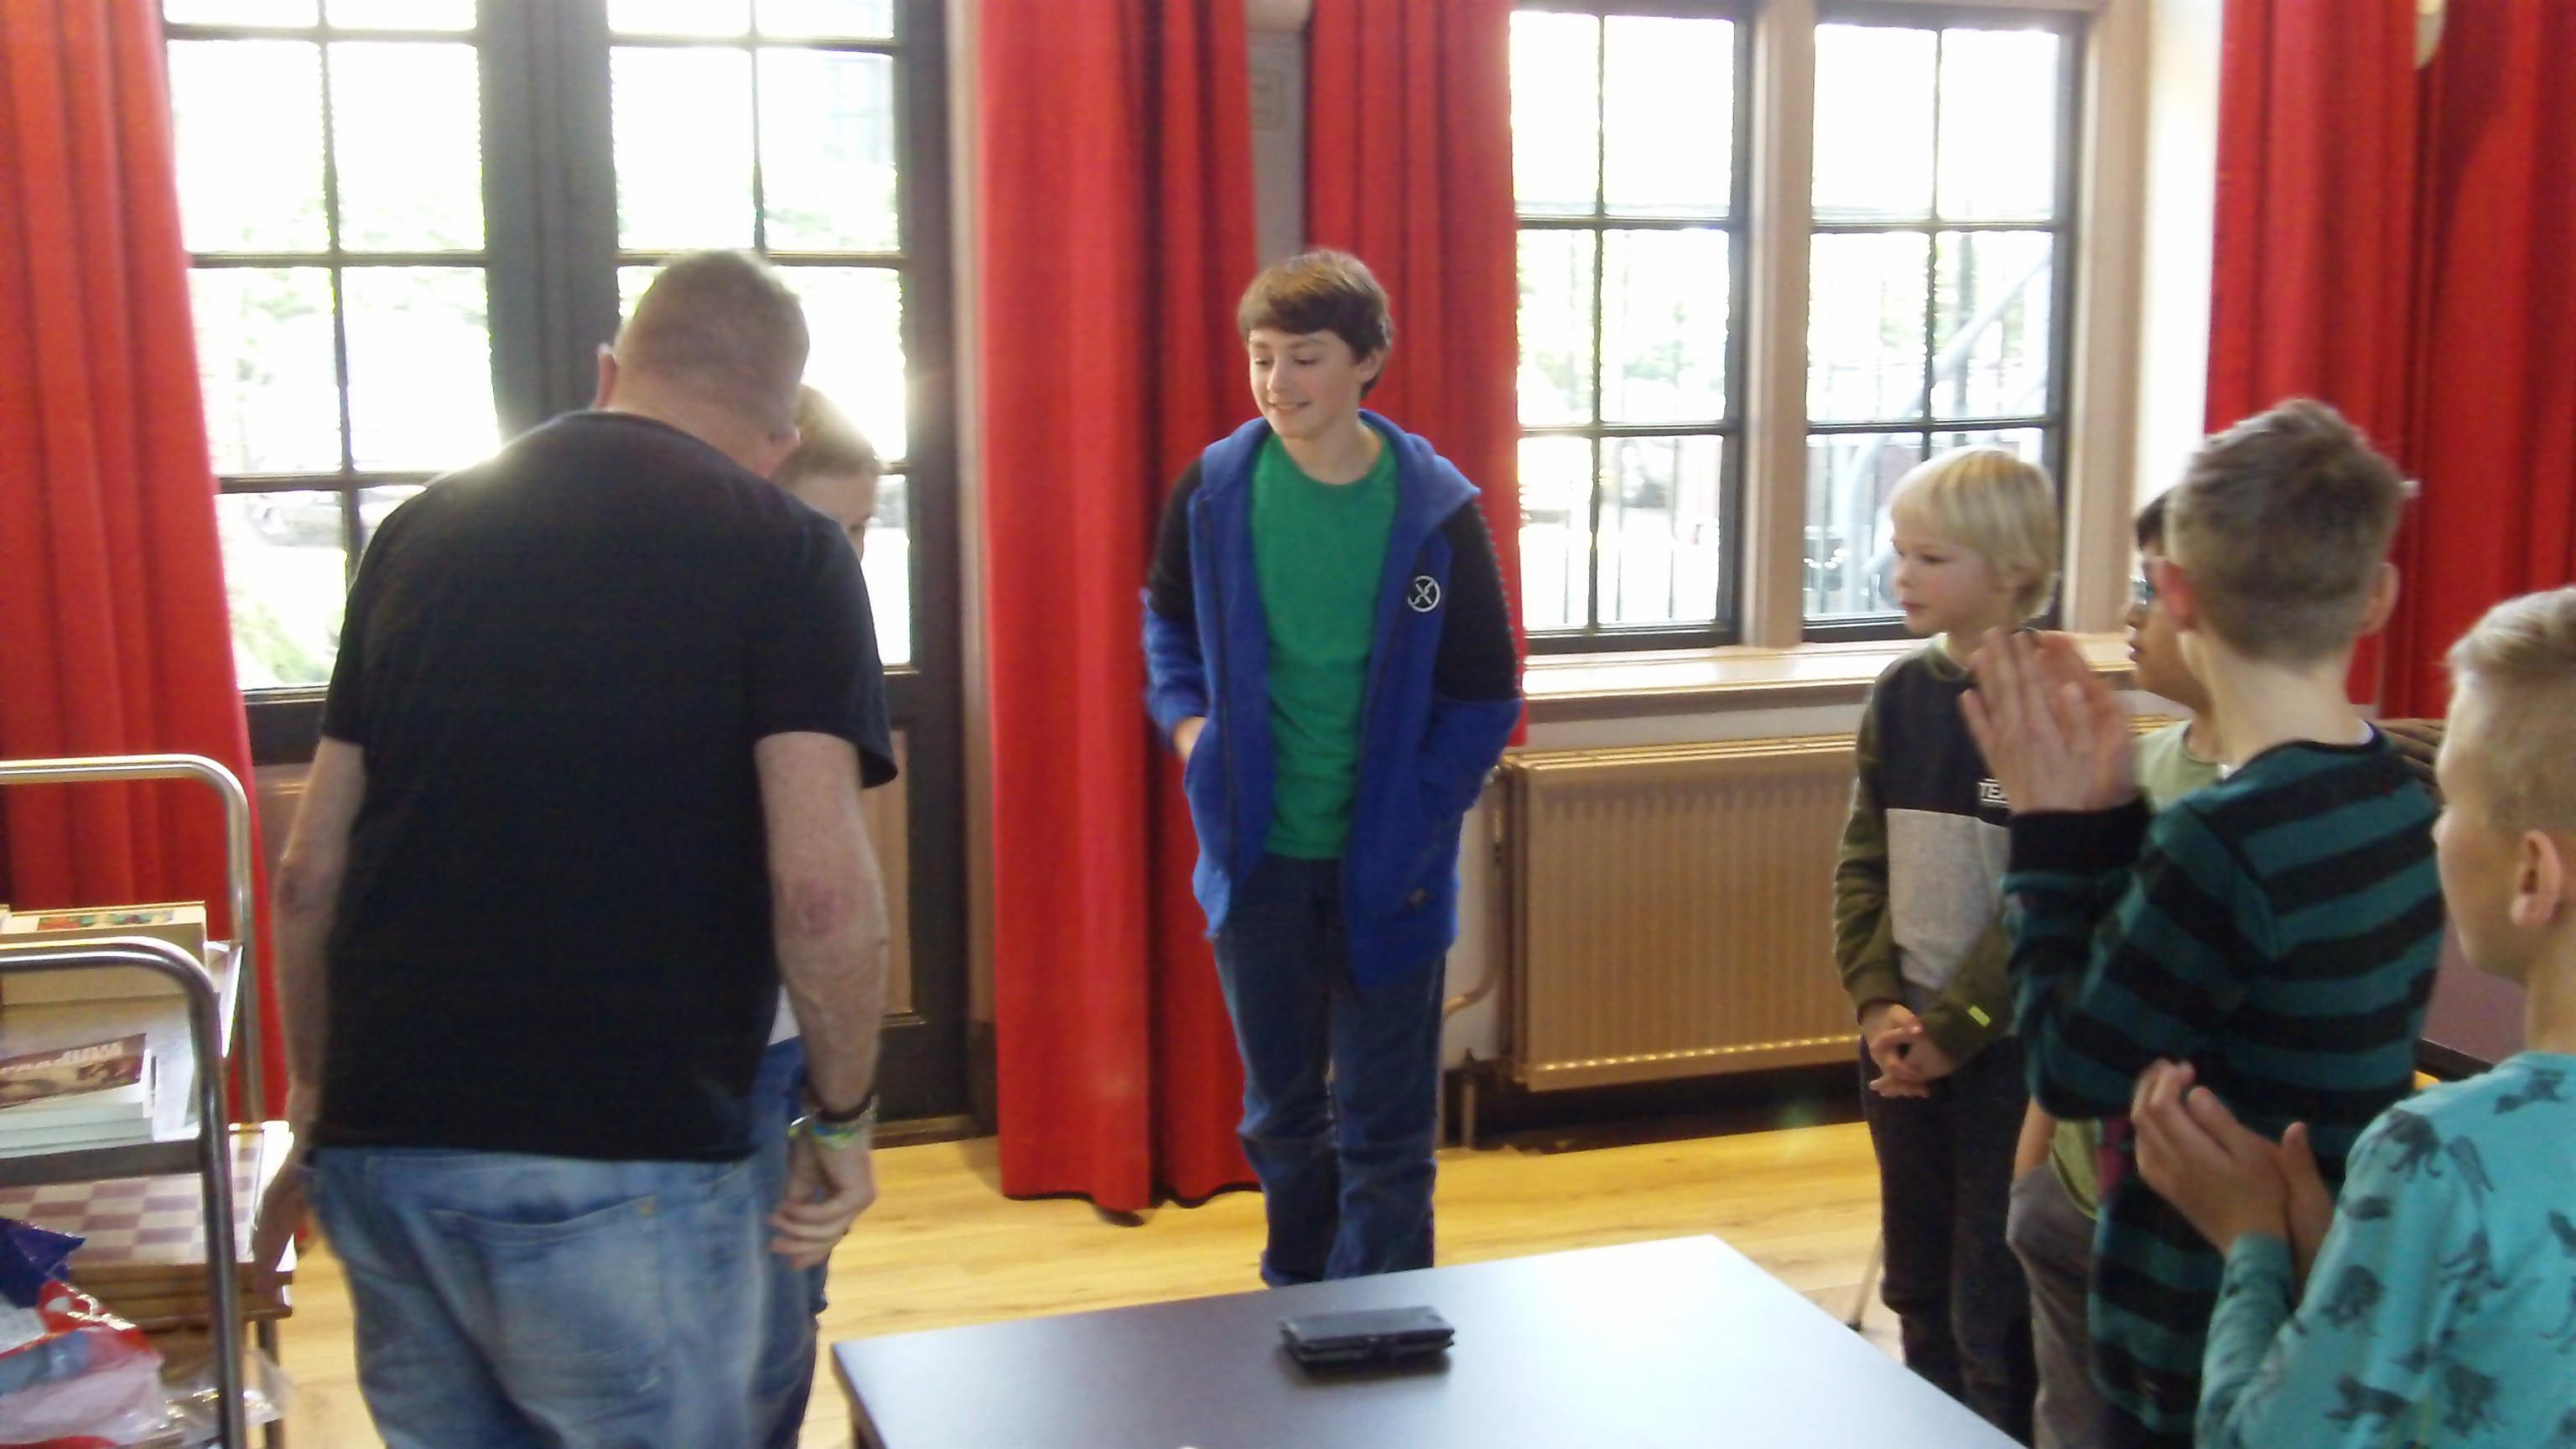 Daan Wieringa uit Epe (midden) bij de prijsuitreiking in de jeugdgroep.